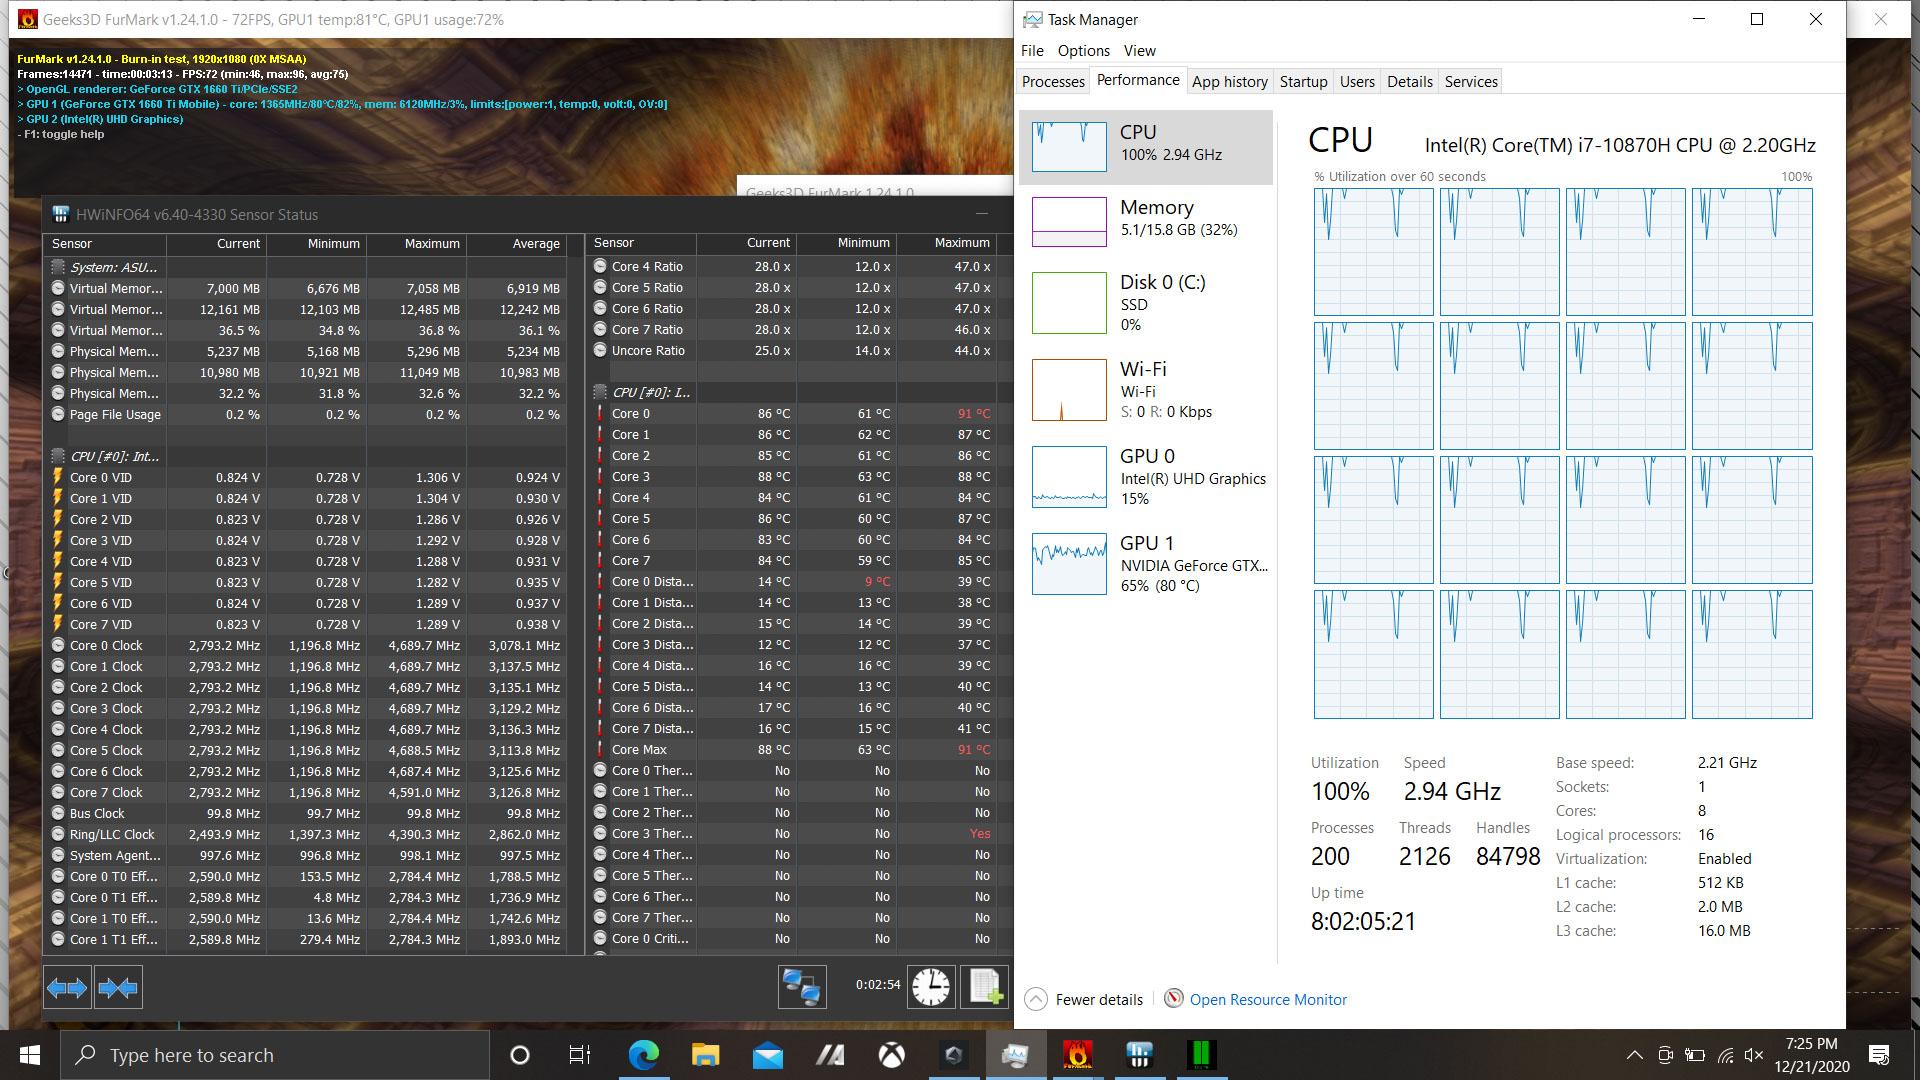 screenshot-6-jpg.12283